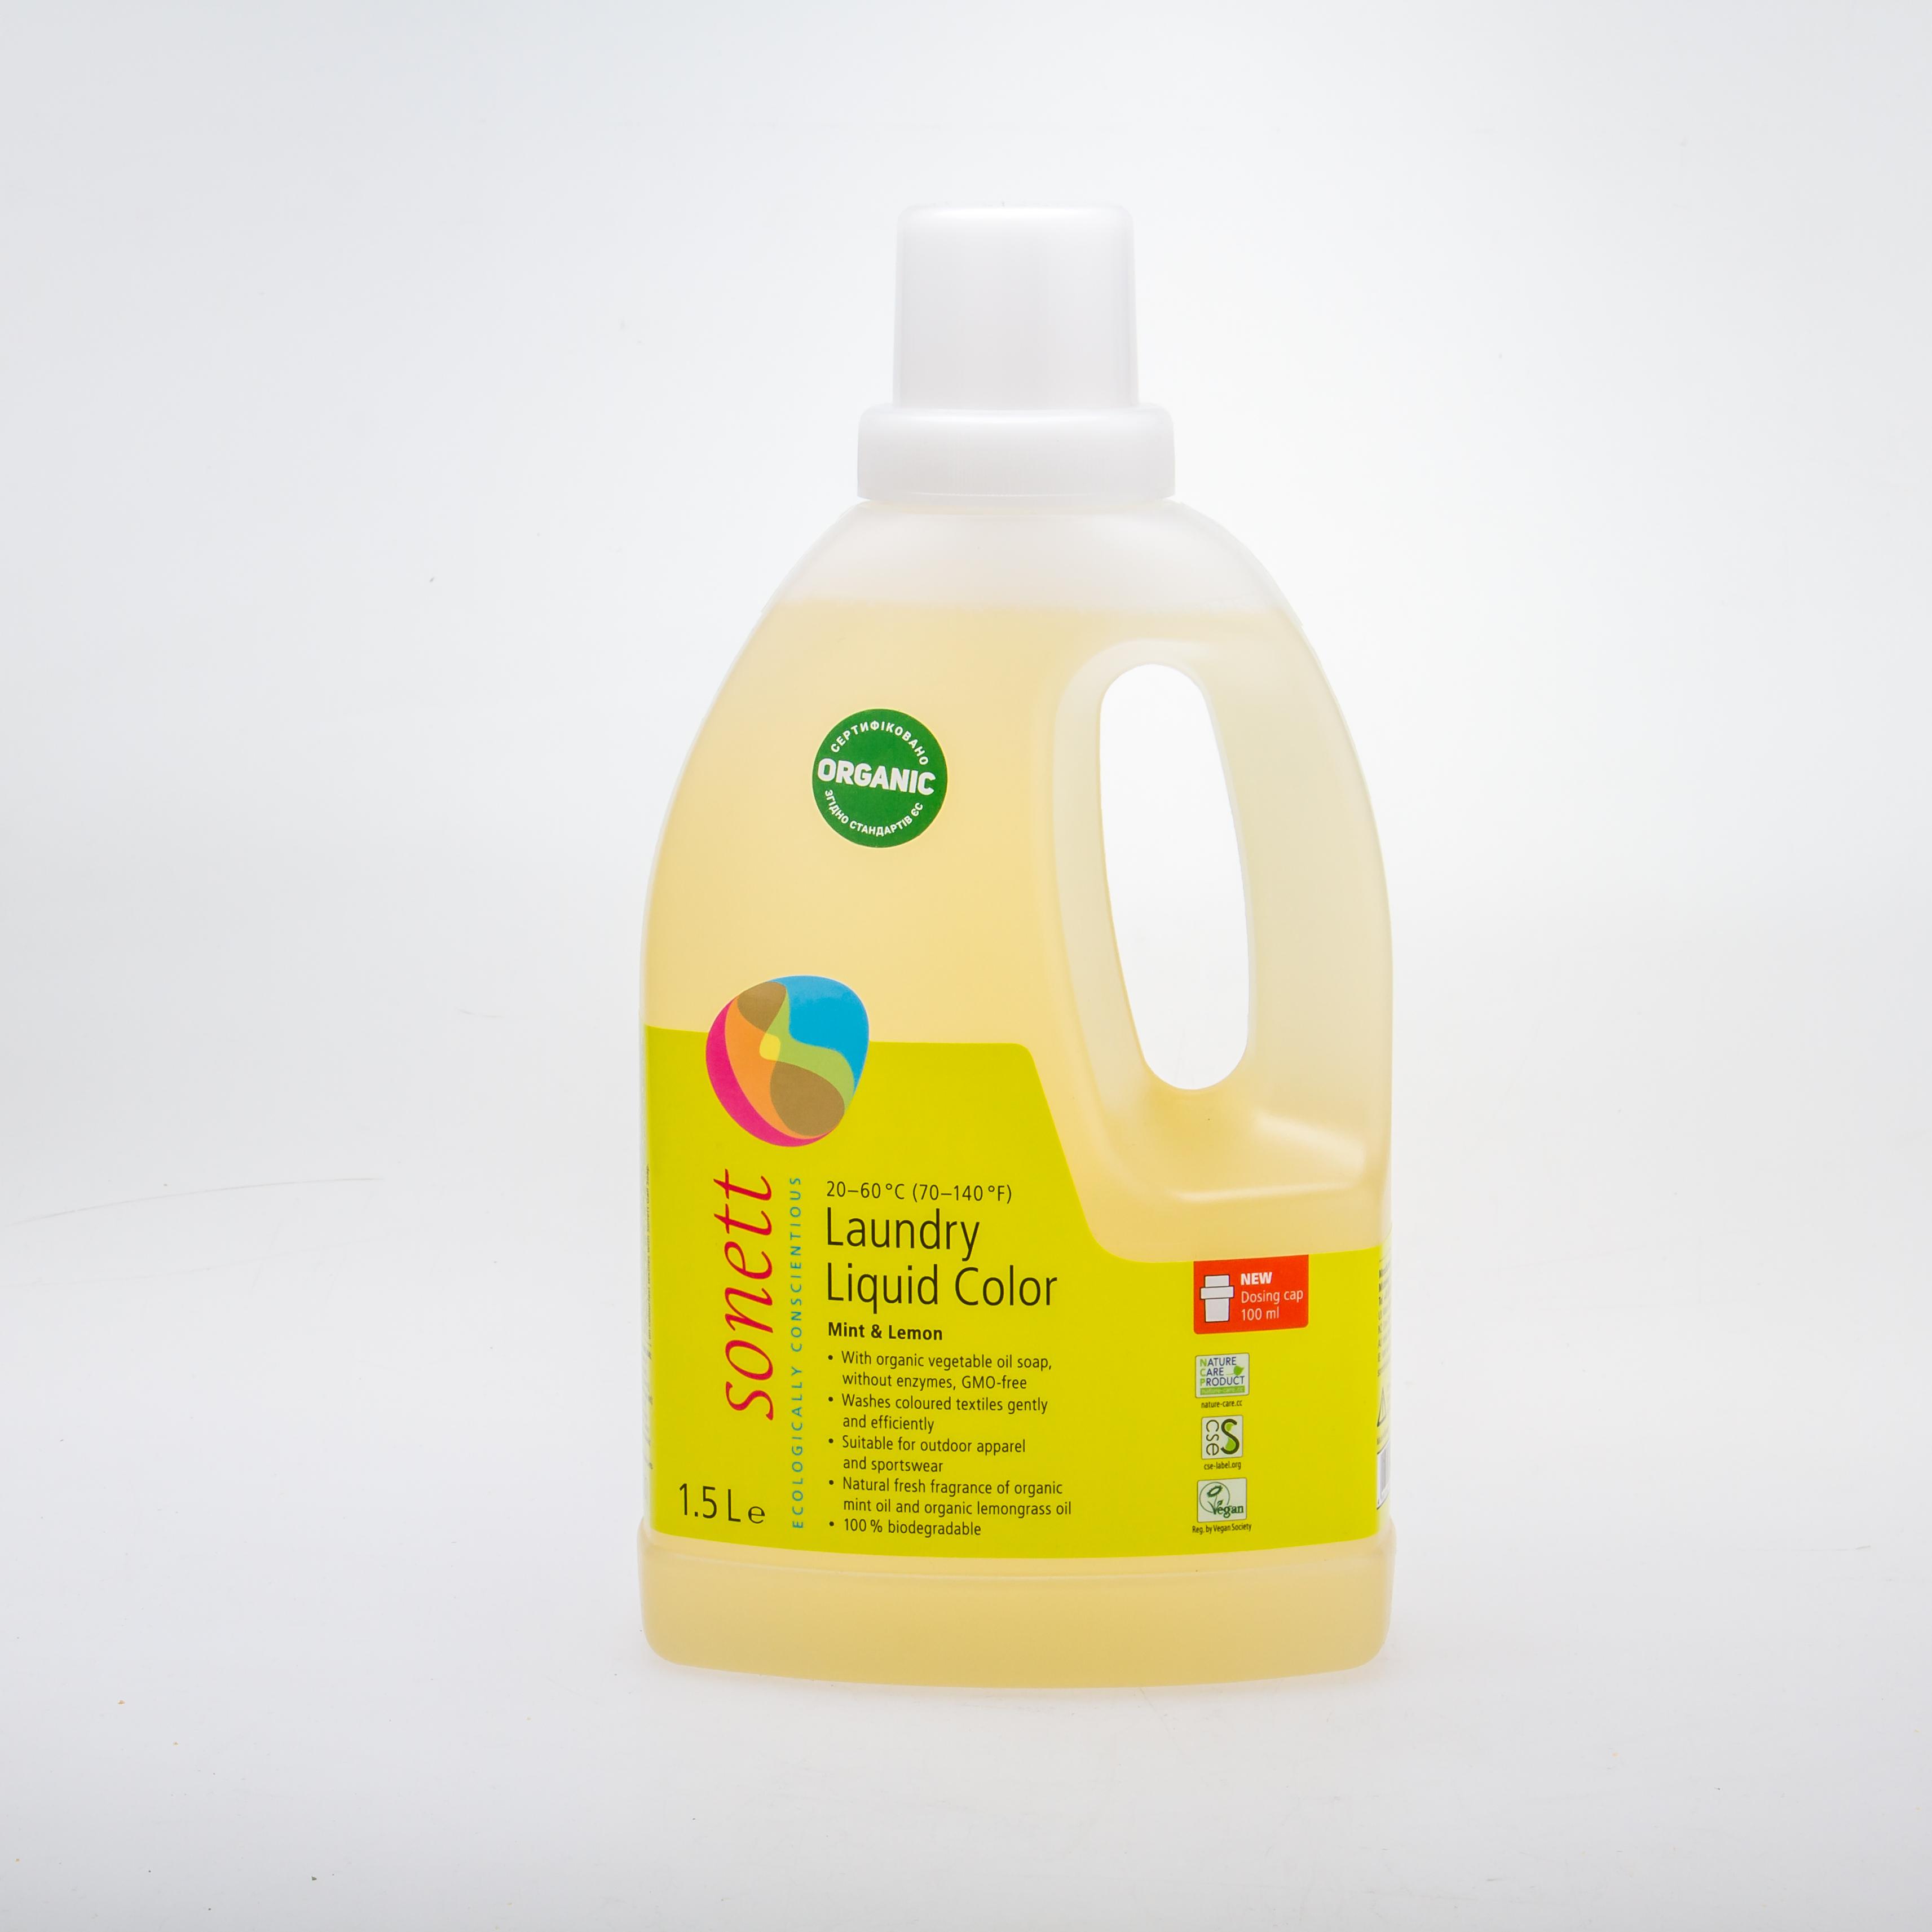 Sonett органічний рідкий пральний засіб для кольорових тканин. Концентрат, 1,5 л - купить в интернет-магазине Юнимед